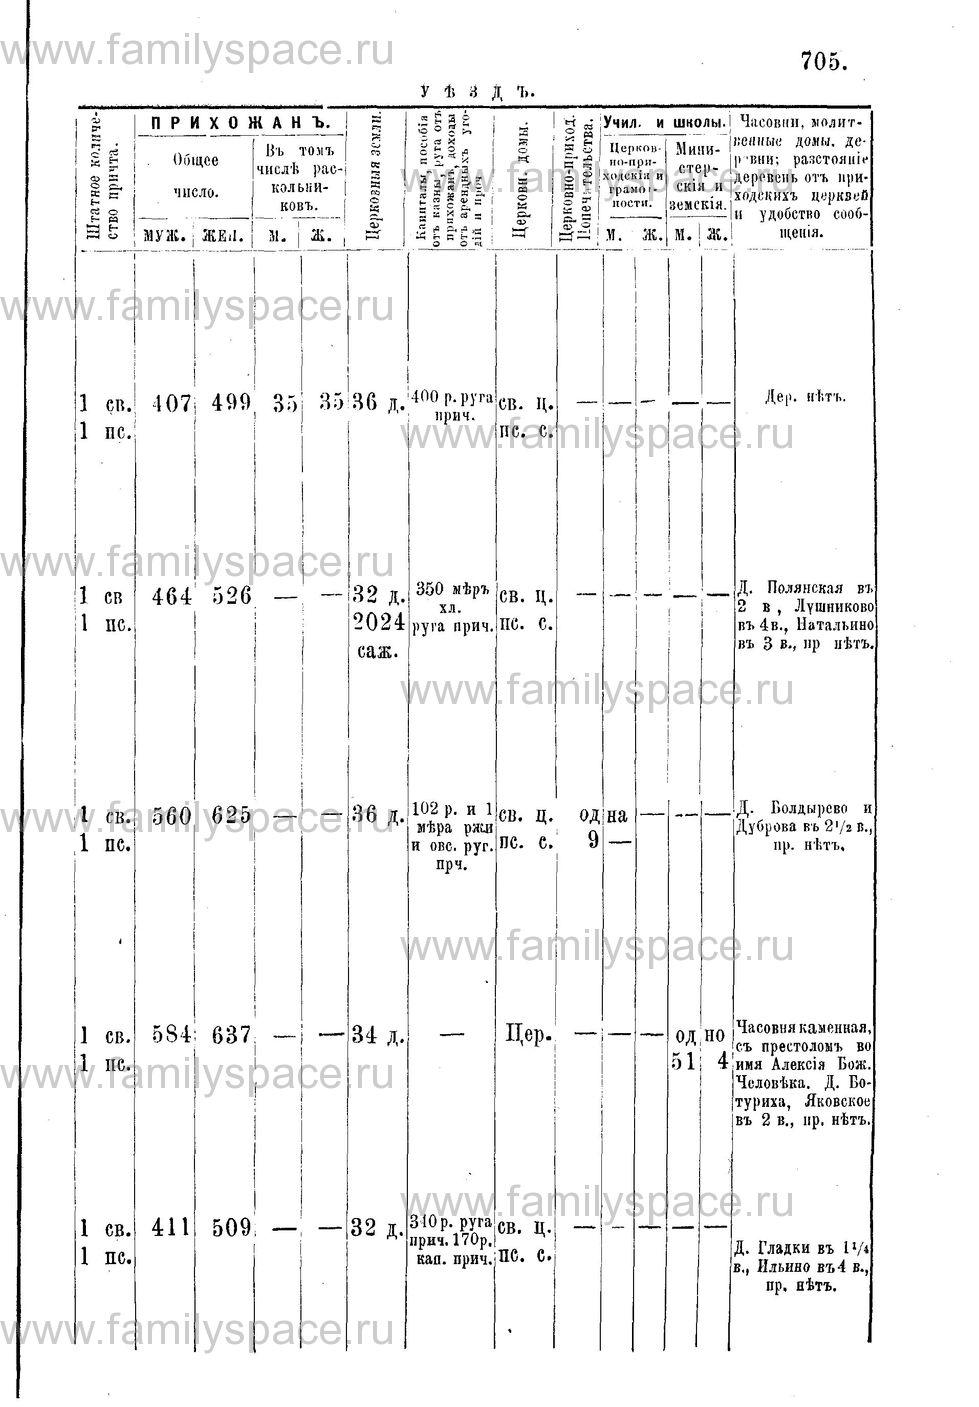 Поиск по фамилии - Адрес-календарь Нижегородской епархии на 1888 год, страница 1705